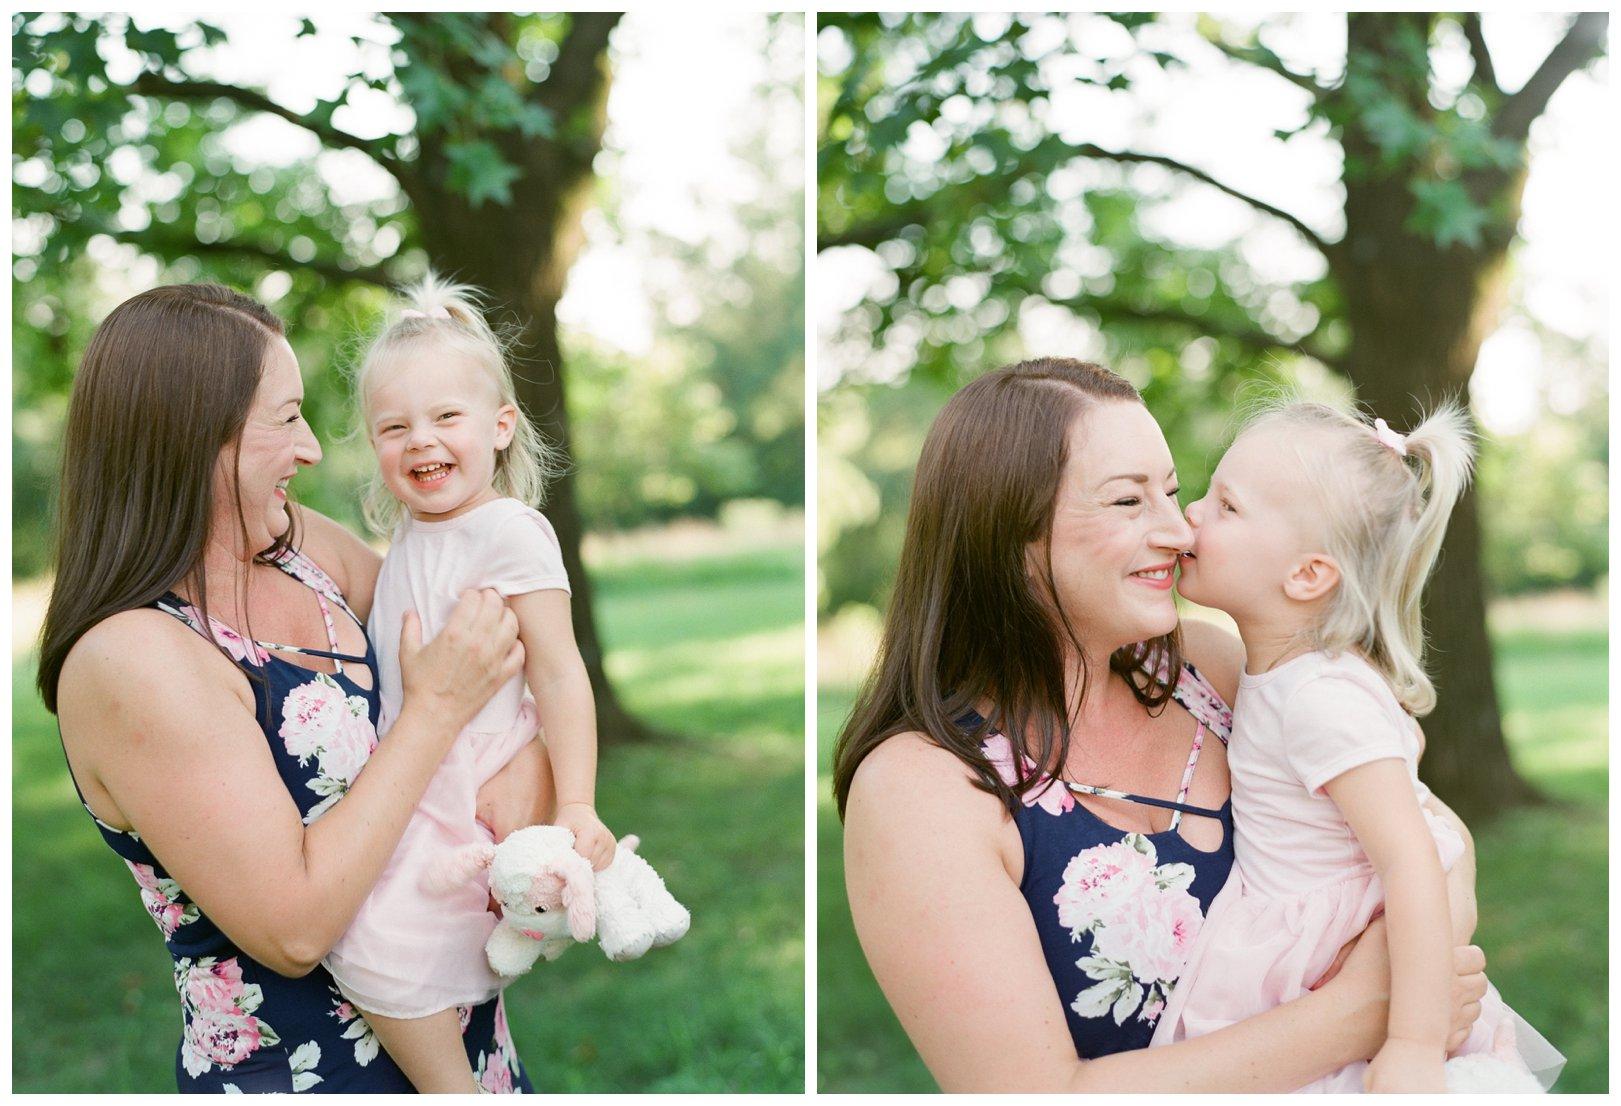 lauren muckler photography_fine art film wedding photography_st louis_photography_3647.jpg